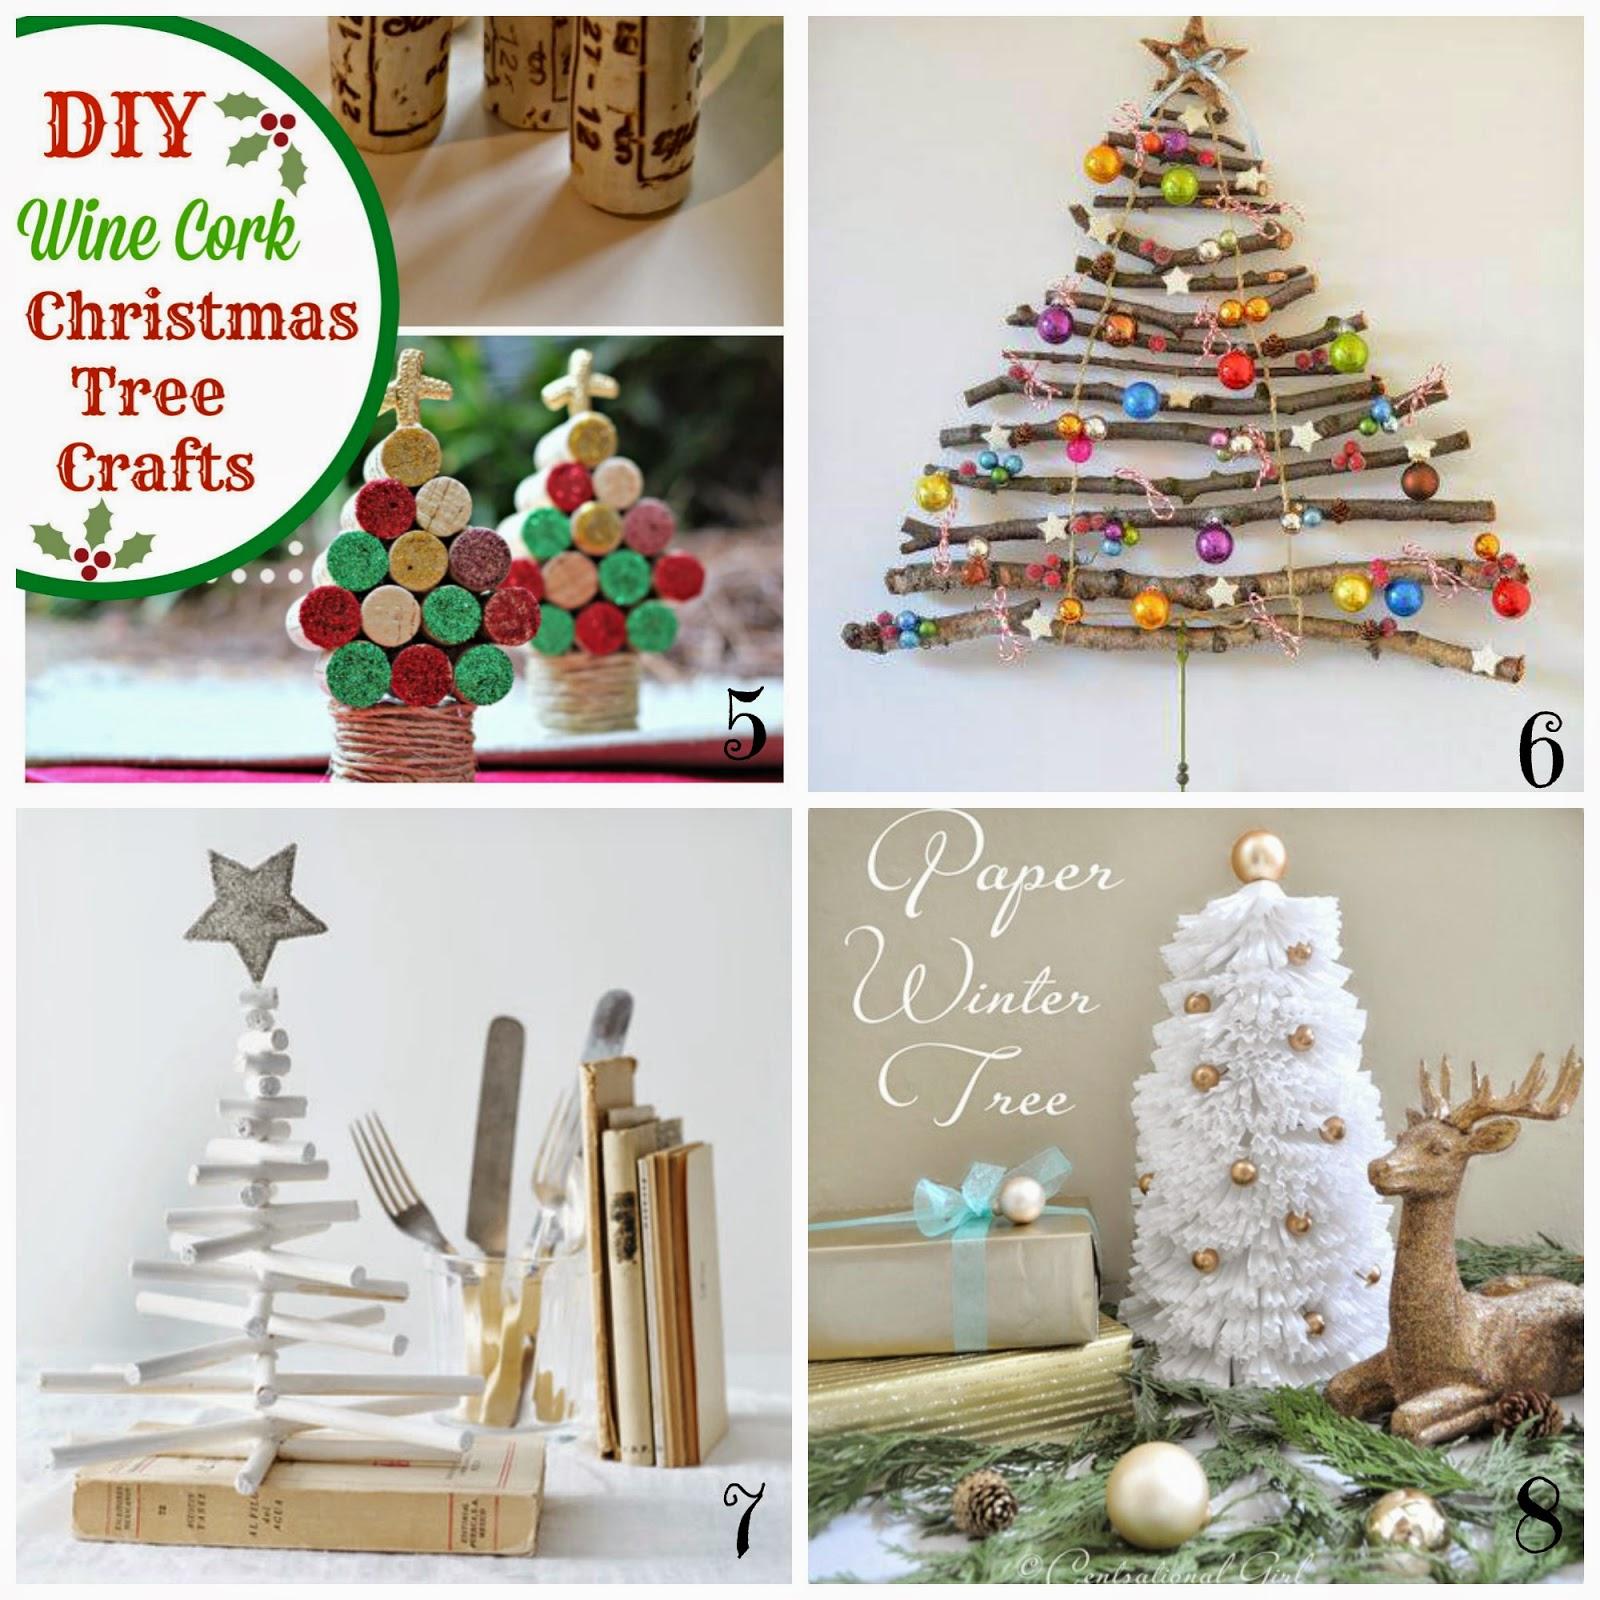 Decorazioni natalizie fai da te insoliti alberi di - Decorazioni natalizie country fai da te ...